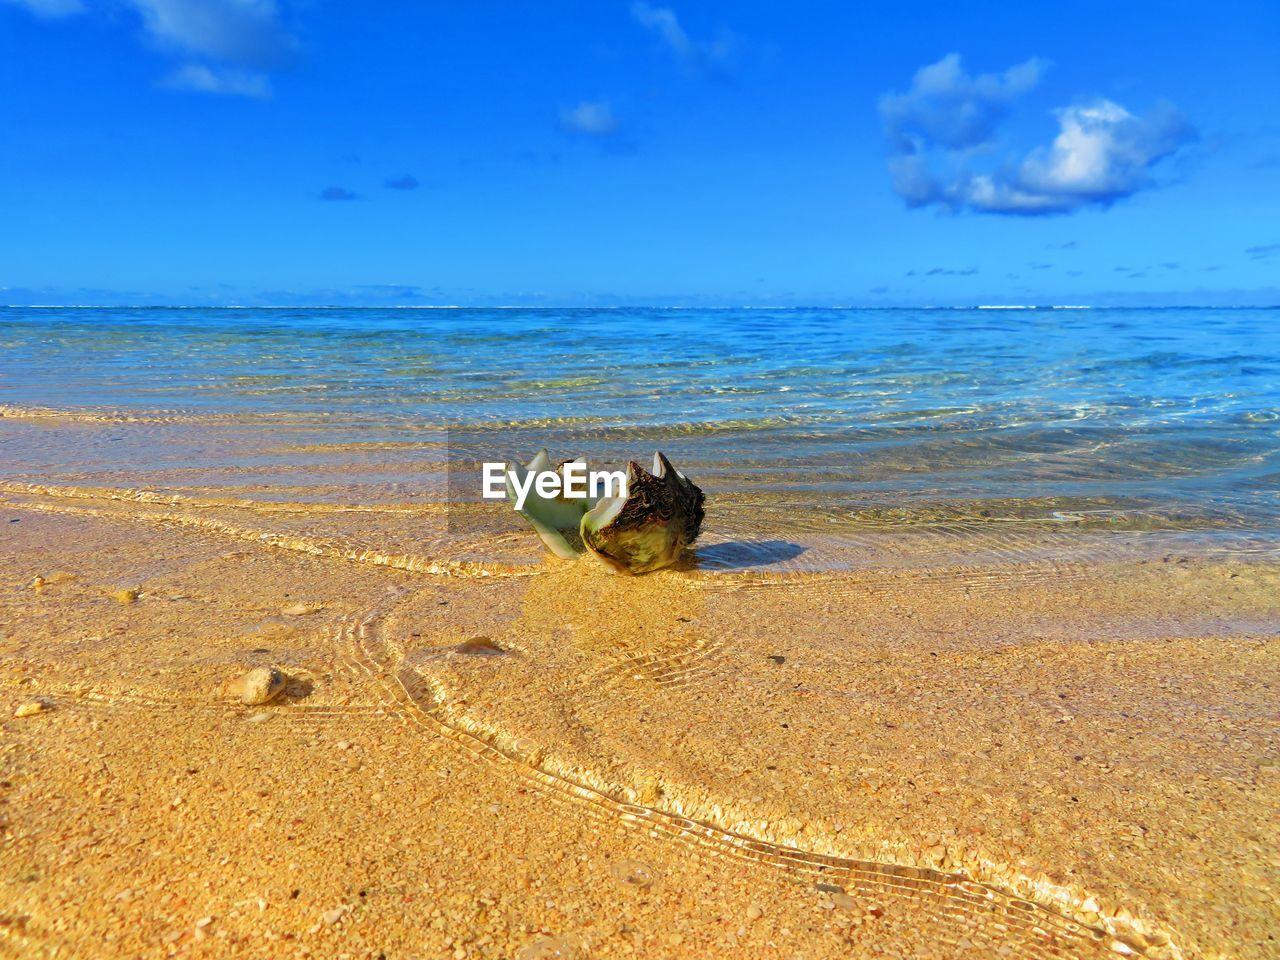 sea, water, beach, land, animal, sky, sand, one animal, horizon, horizon over water, animal themes, beauty in nature, nature, scenics - nature, no people, animal wildlife, day, vertebrate, blue, marine